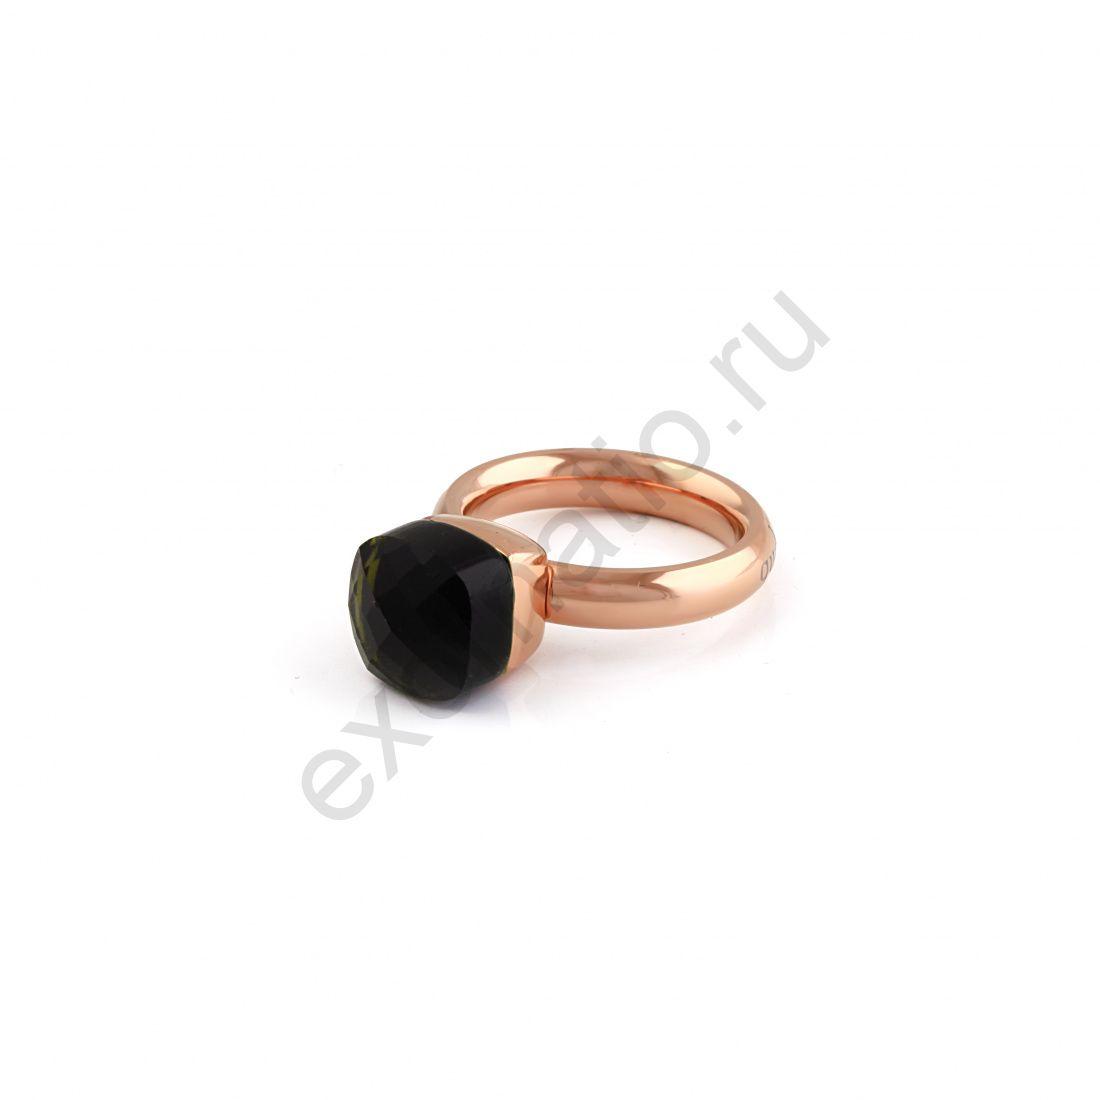 Кольцо Qudo 610022/17.8 G/RG